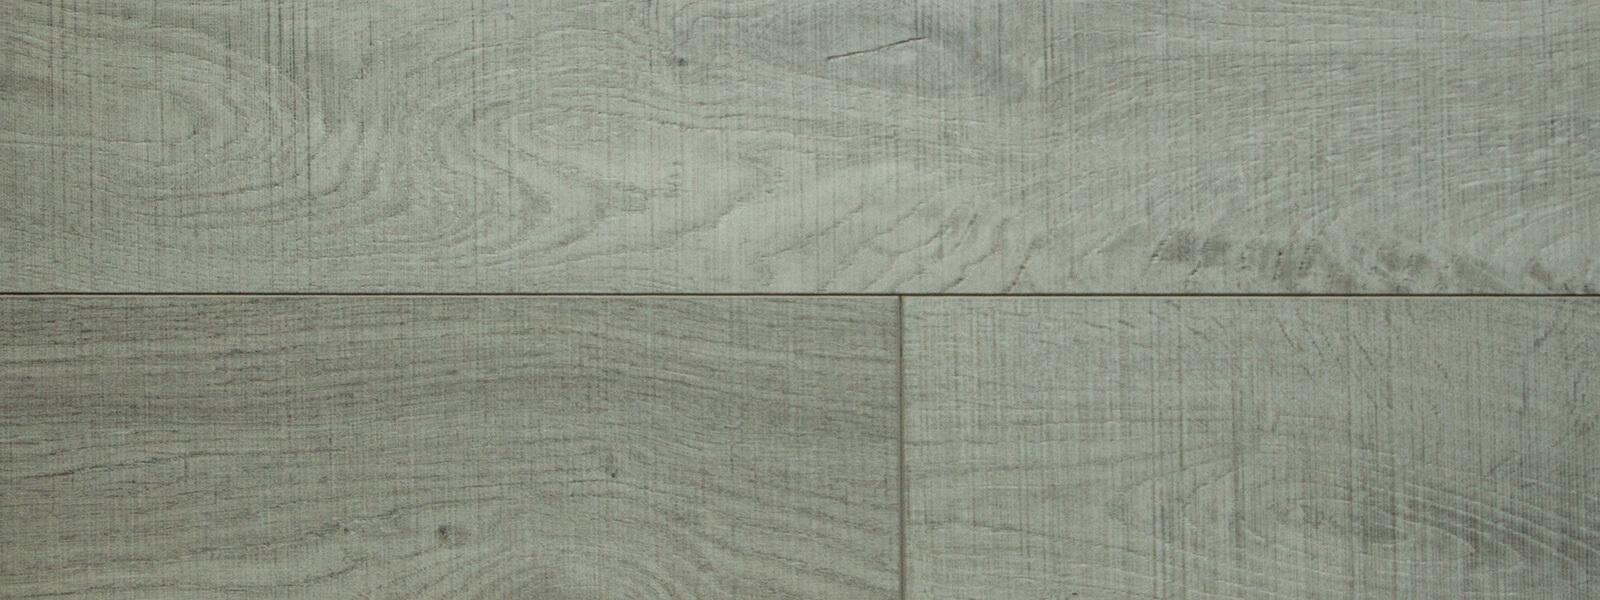 Artic Storm TruWood Flooring